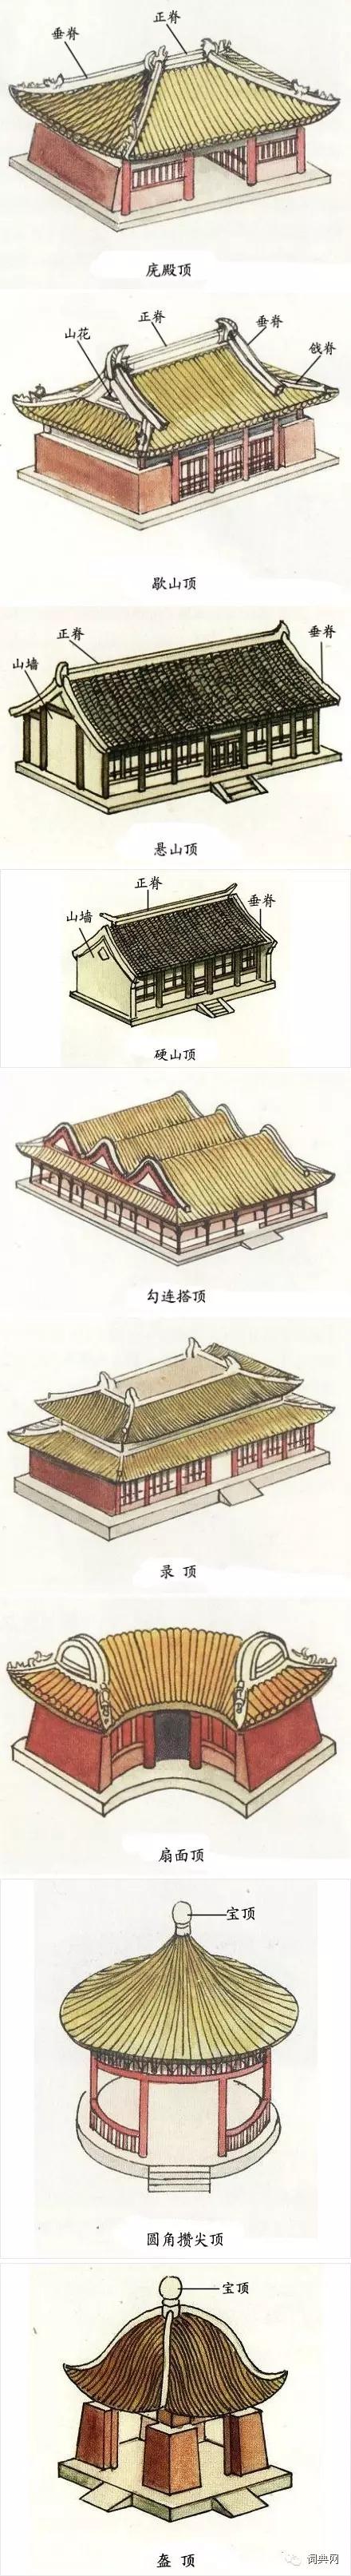 9种中国古建筑屋顶式样欣赏